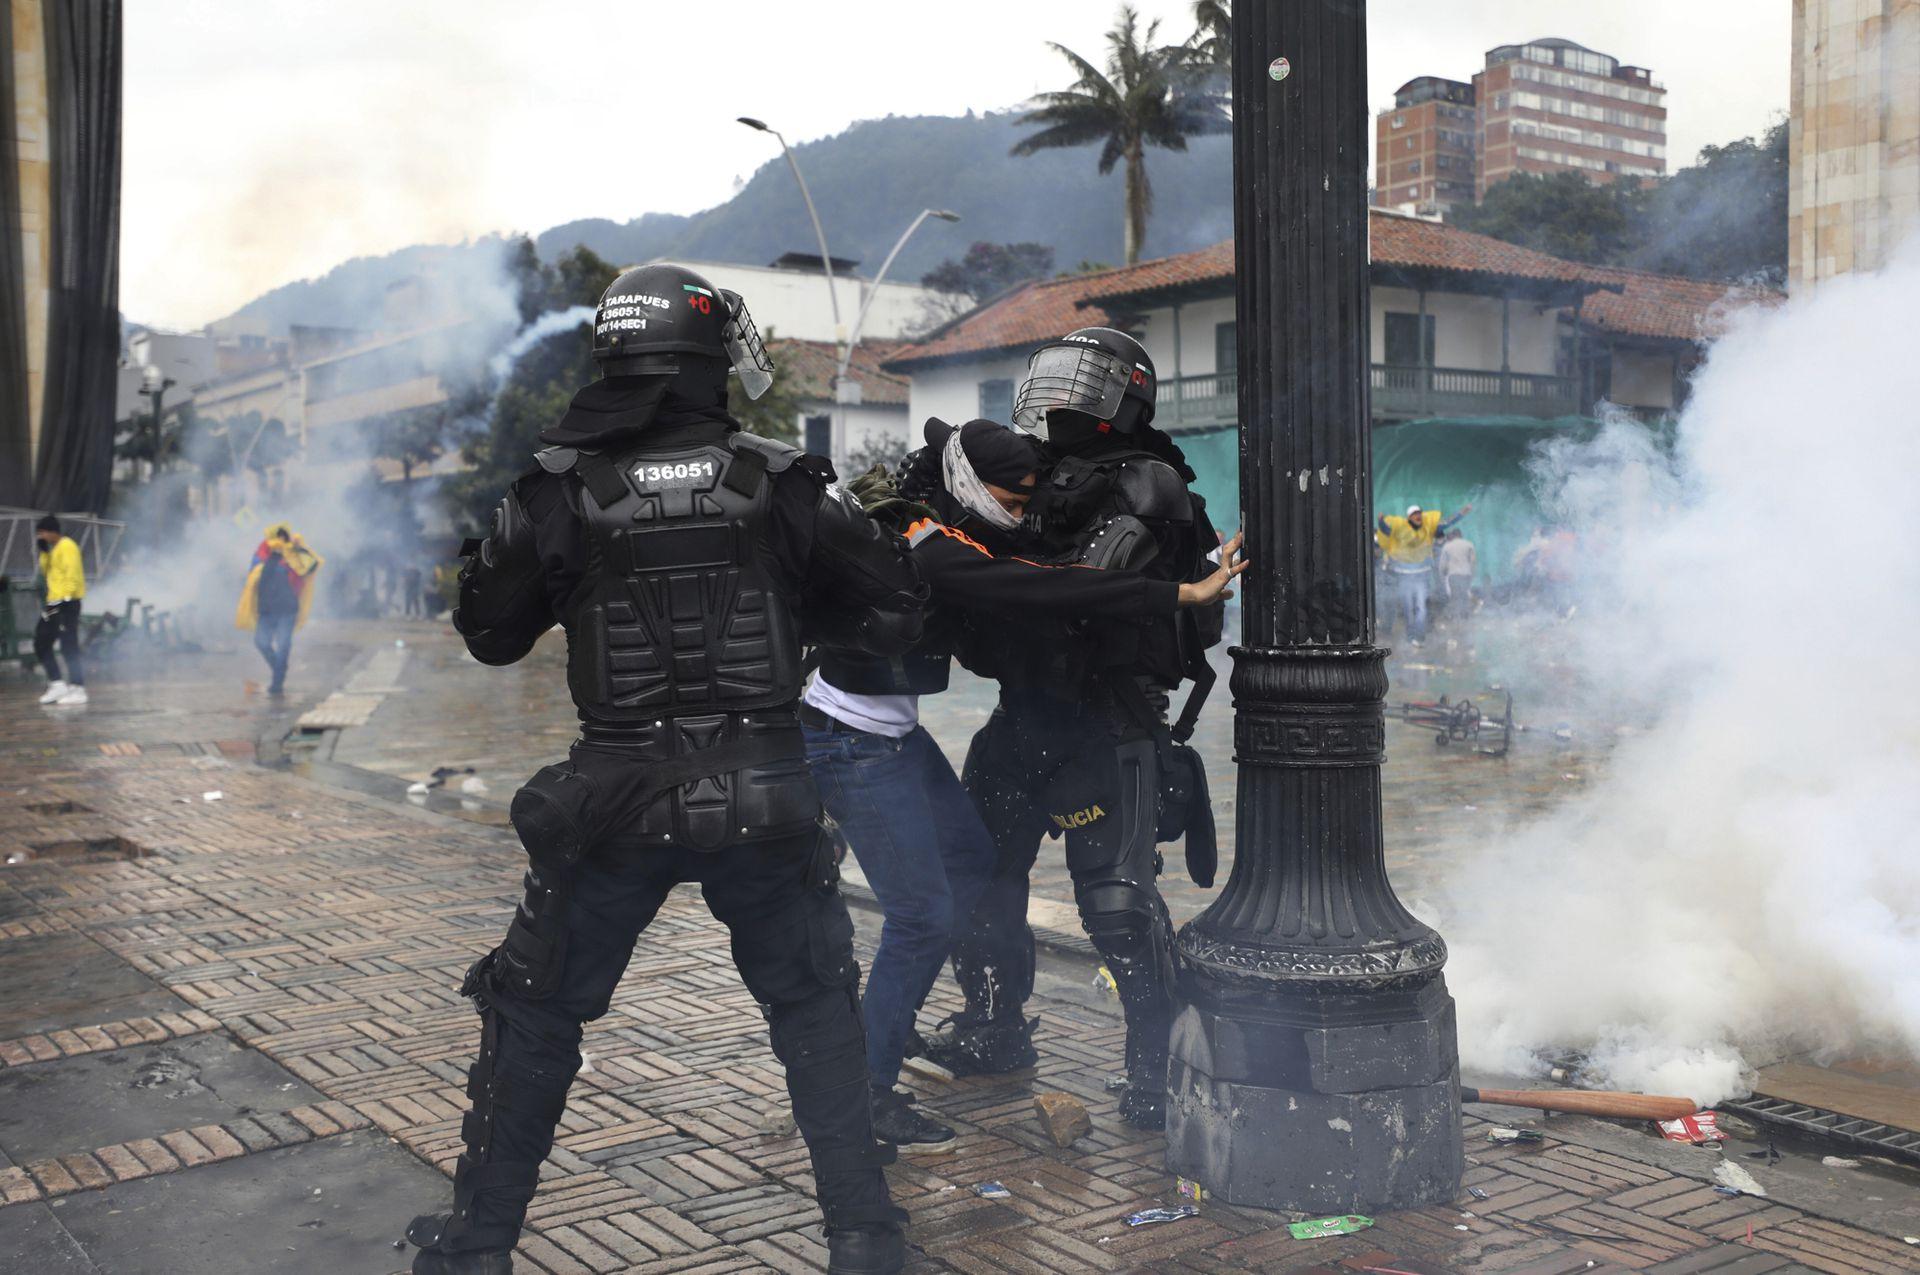 Los enfrentamientos entre manifestantes y policías han sido muy violentos y han dejado cientos de heridos y varias personas han perdido la vida